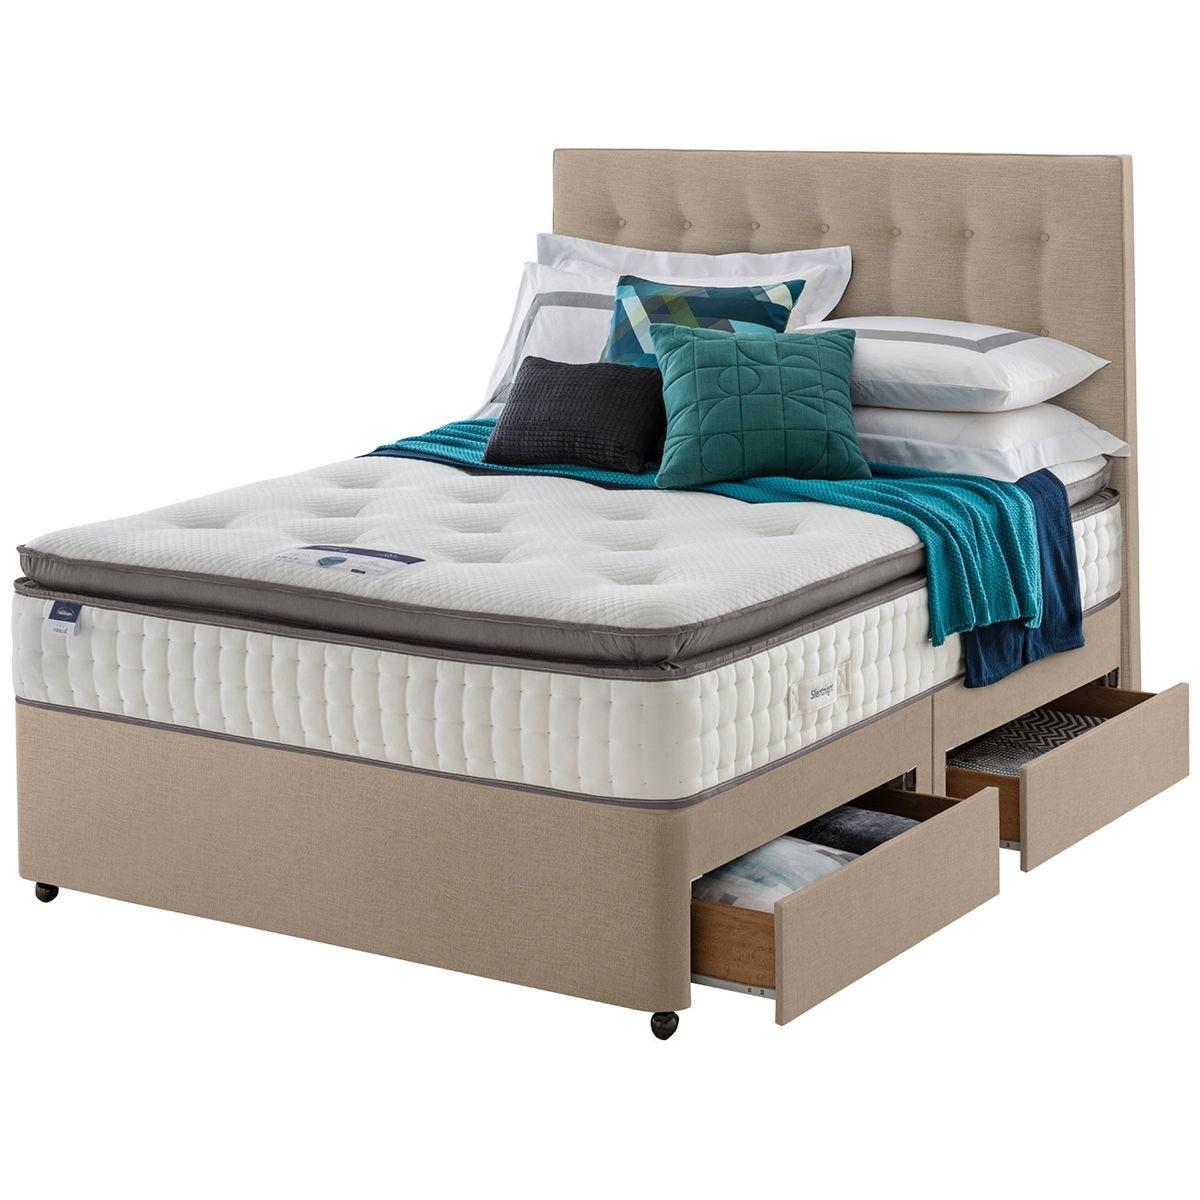 Silentnight Miracoil Geltex 135cm 4 Drawer Divan Bed Set - Sandstone